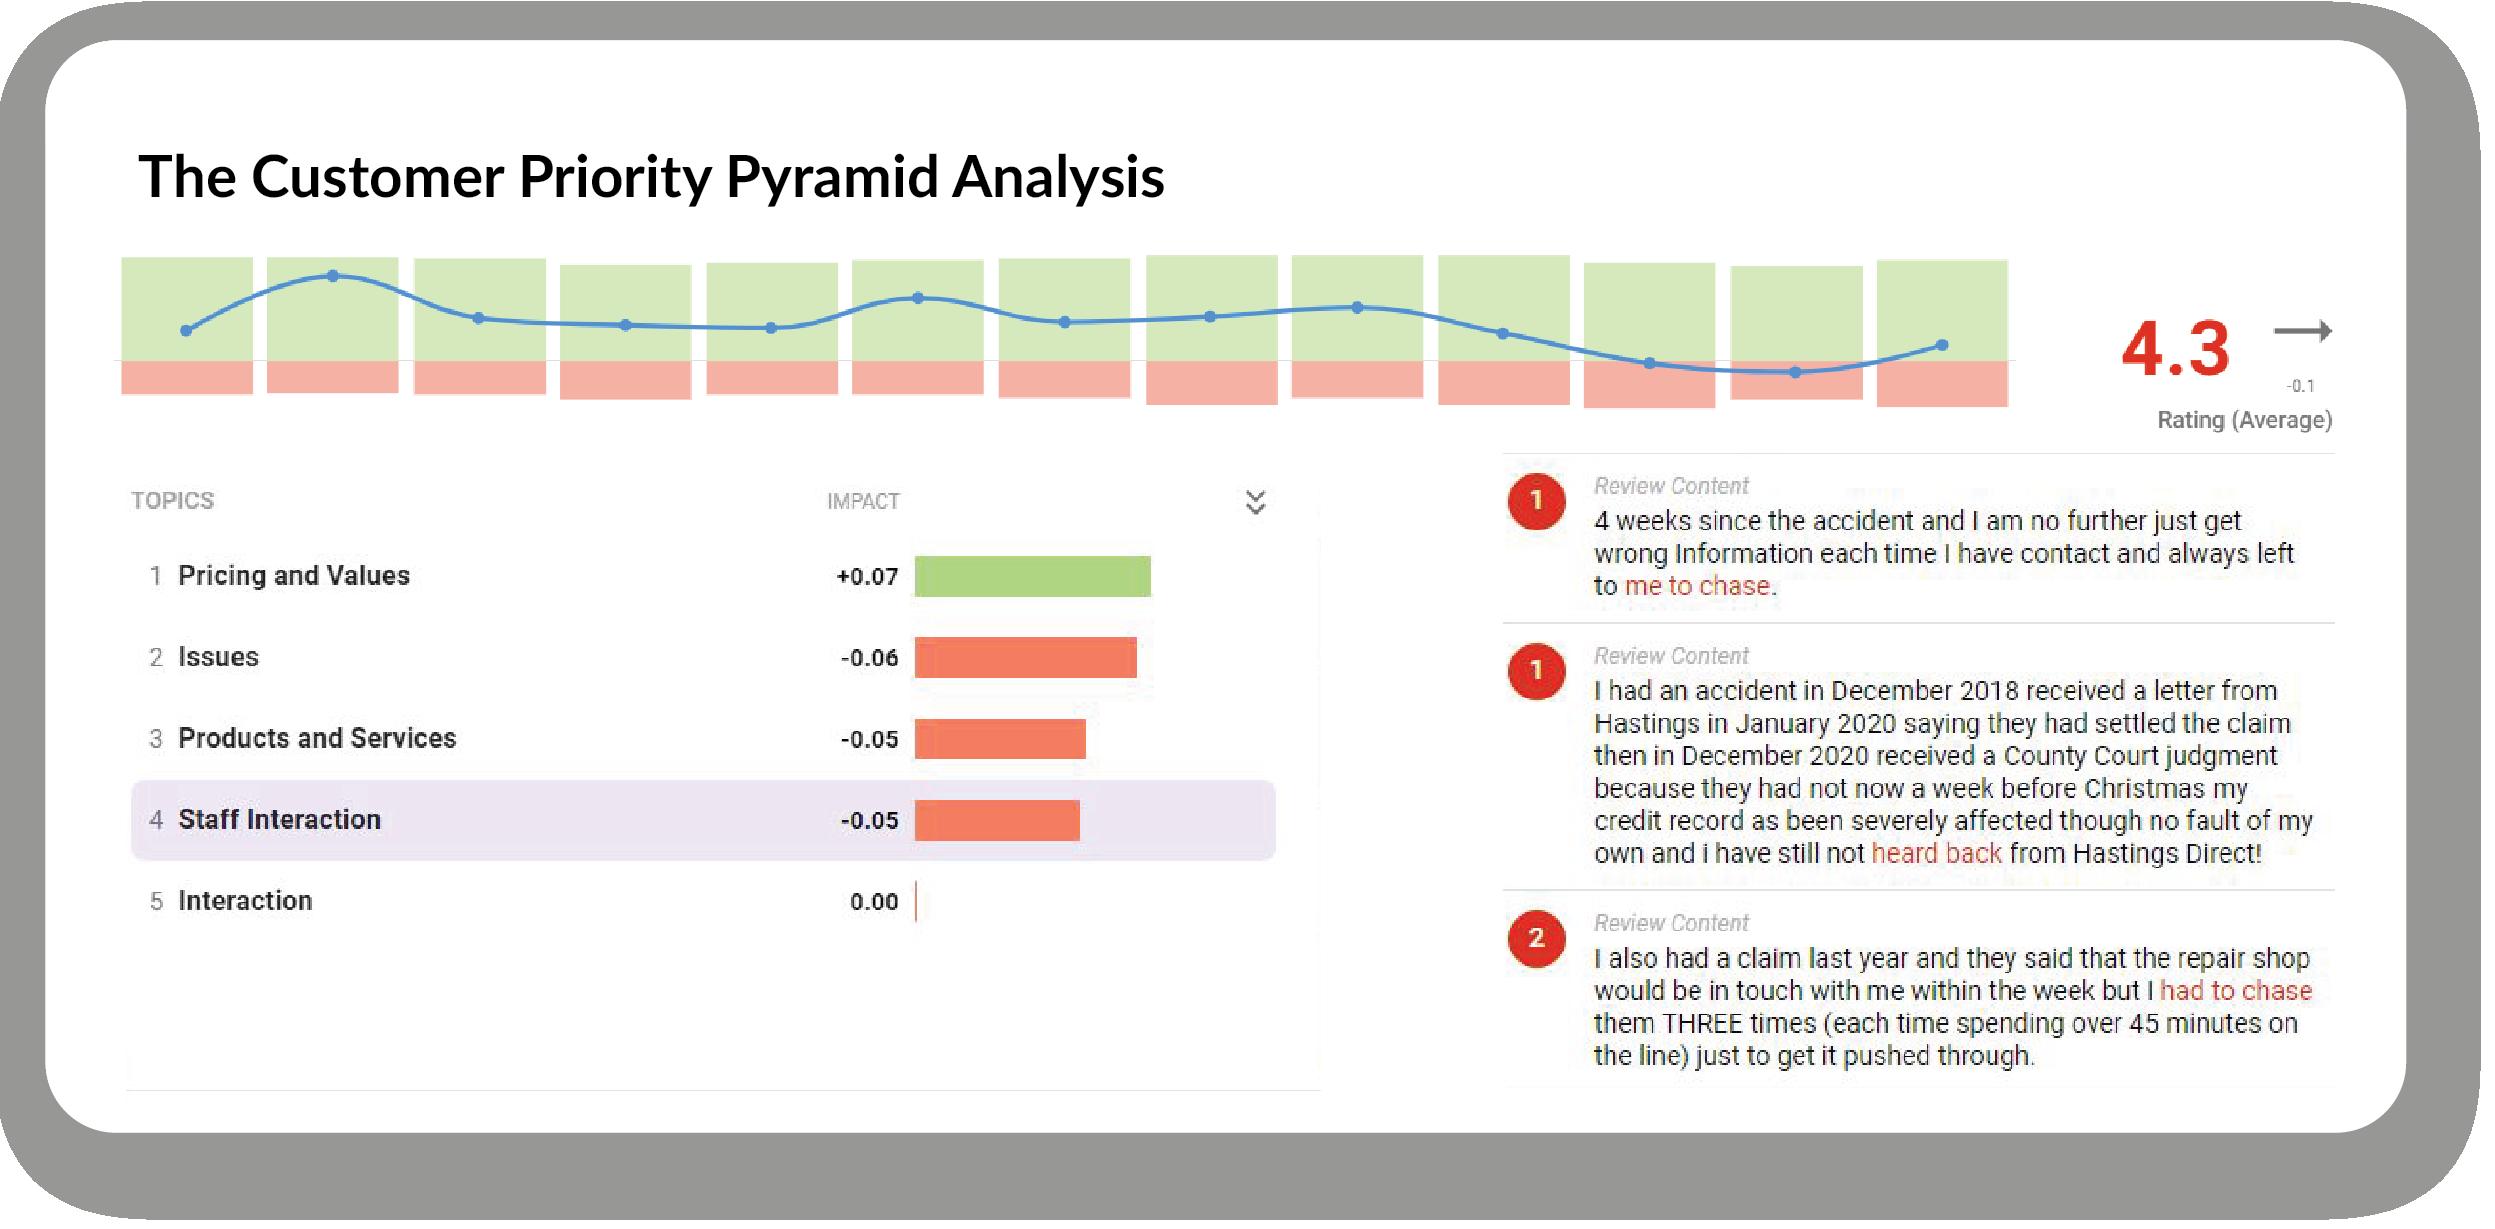 customer priorities analysis with hastings insurance